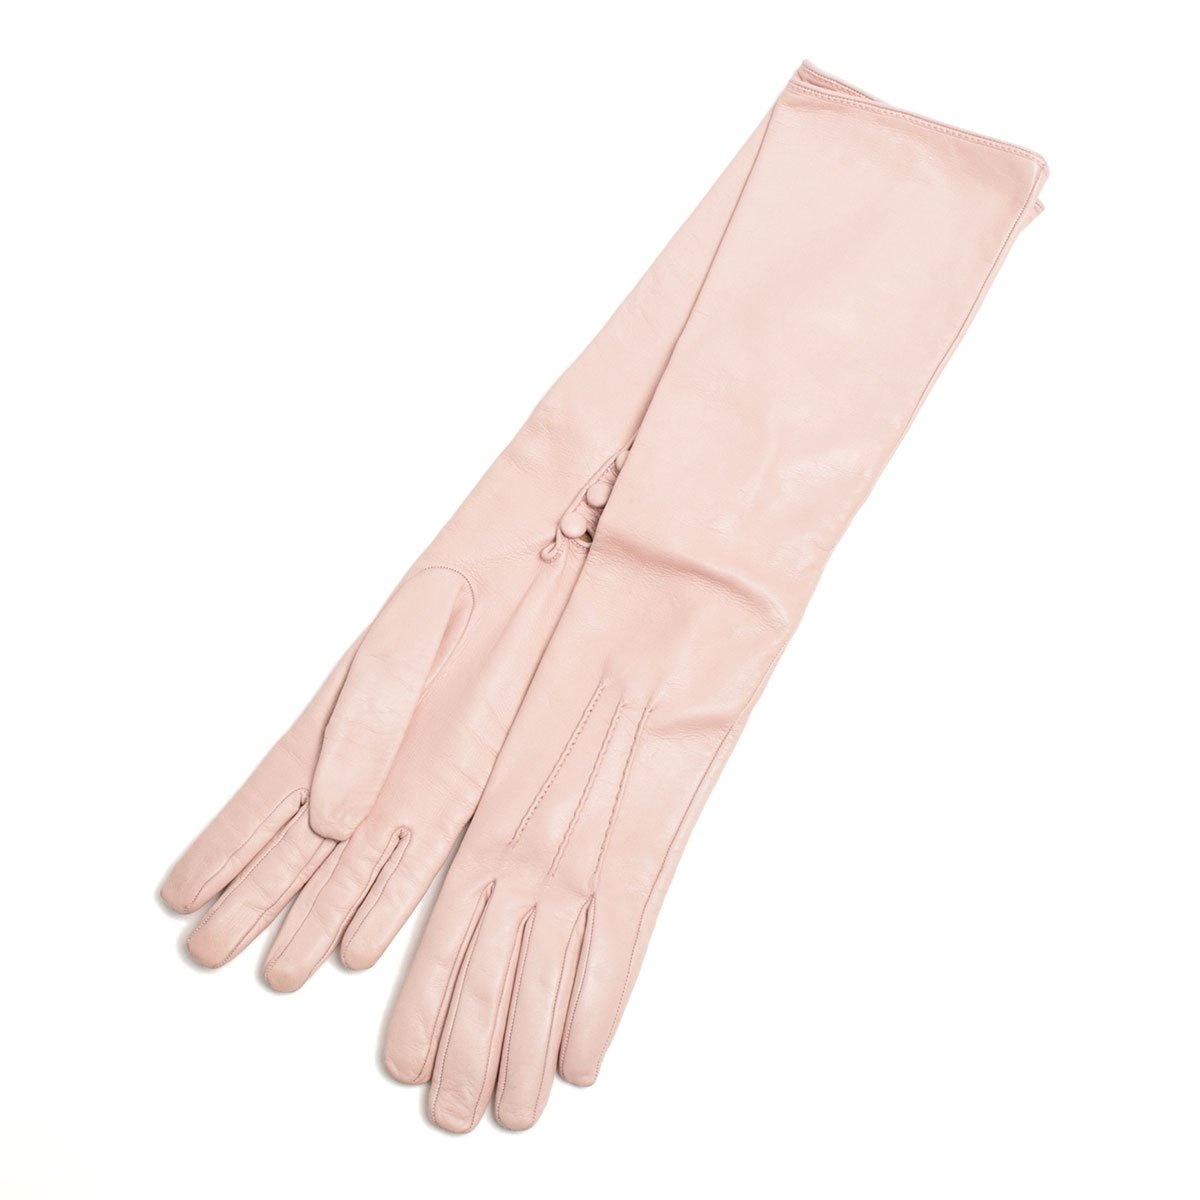 (ヴァレンティノ) VALENTINO レザー ロンググローブ 手袋 NW1G0A01NAP ピンク [中古] B07FBFD411  -